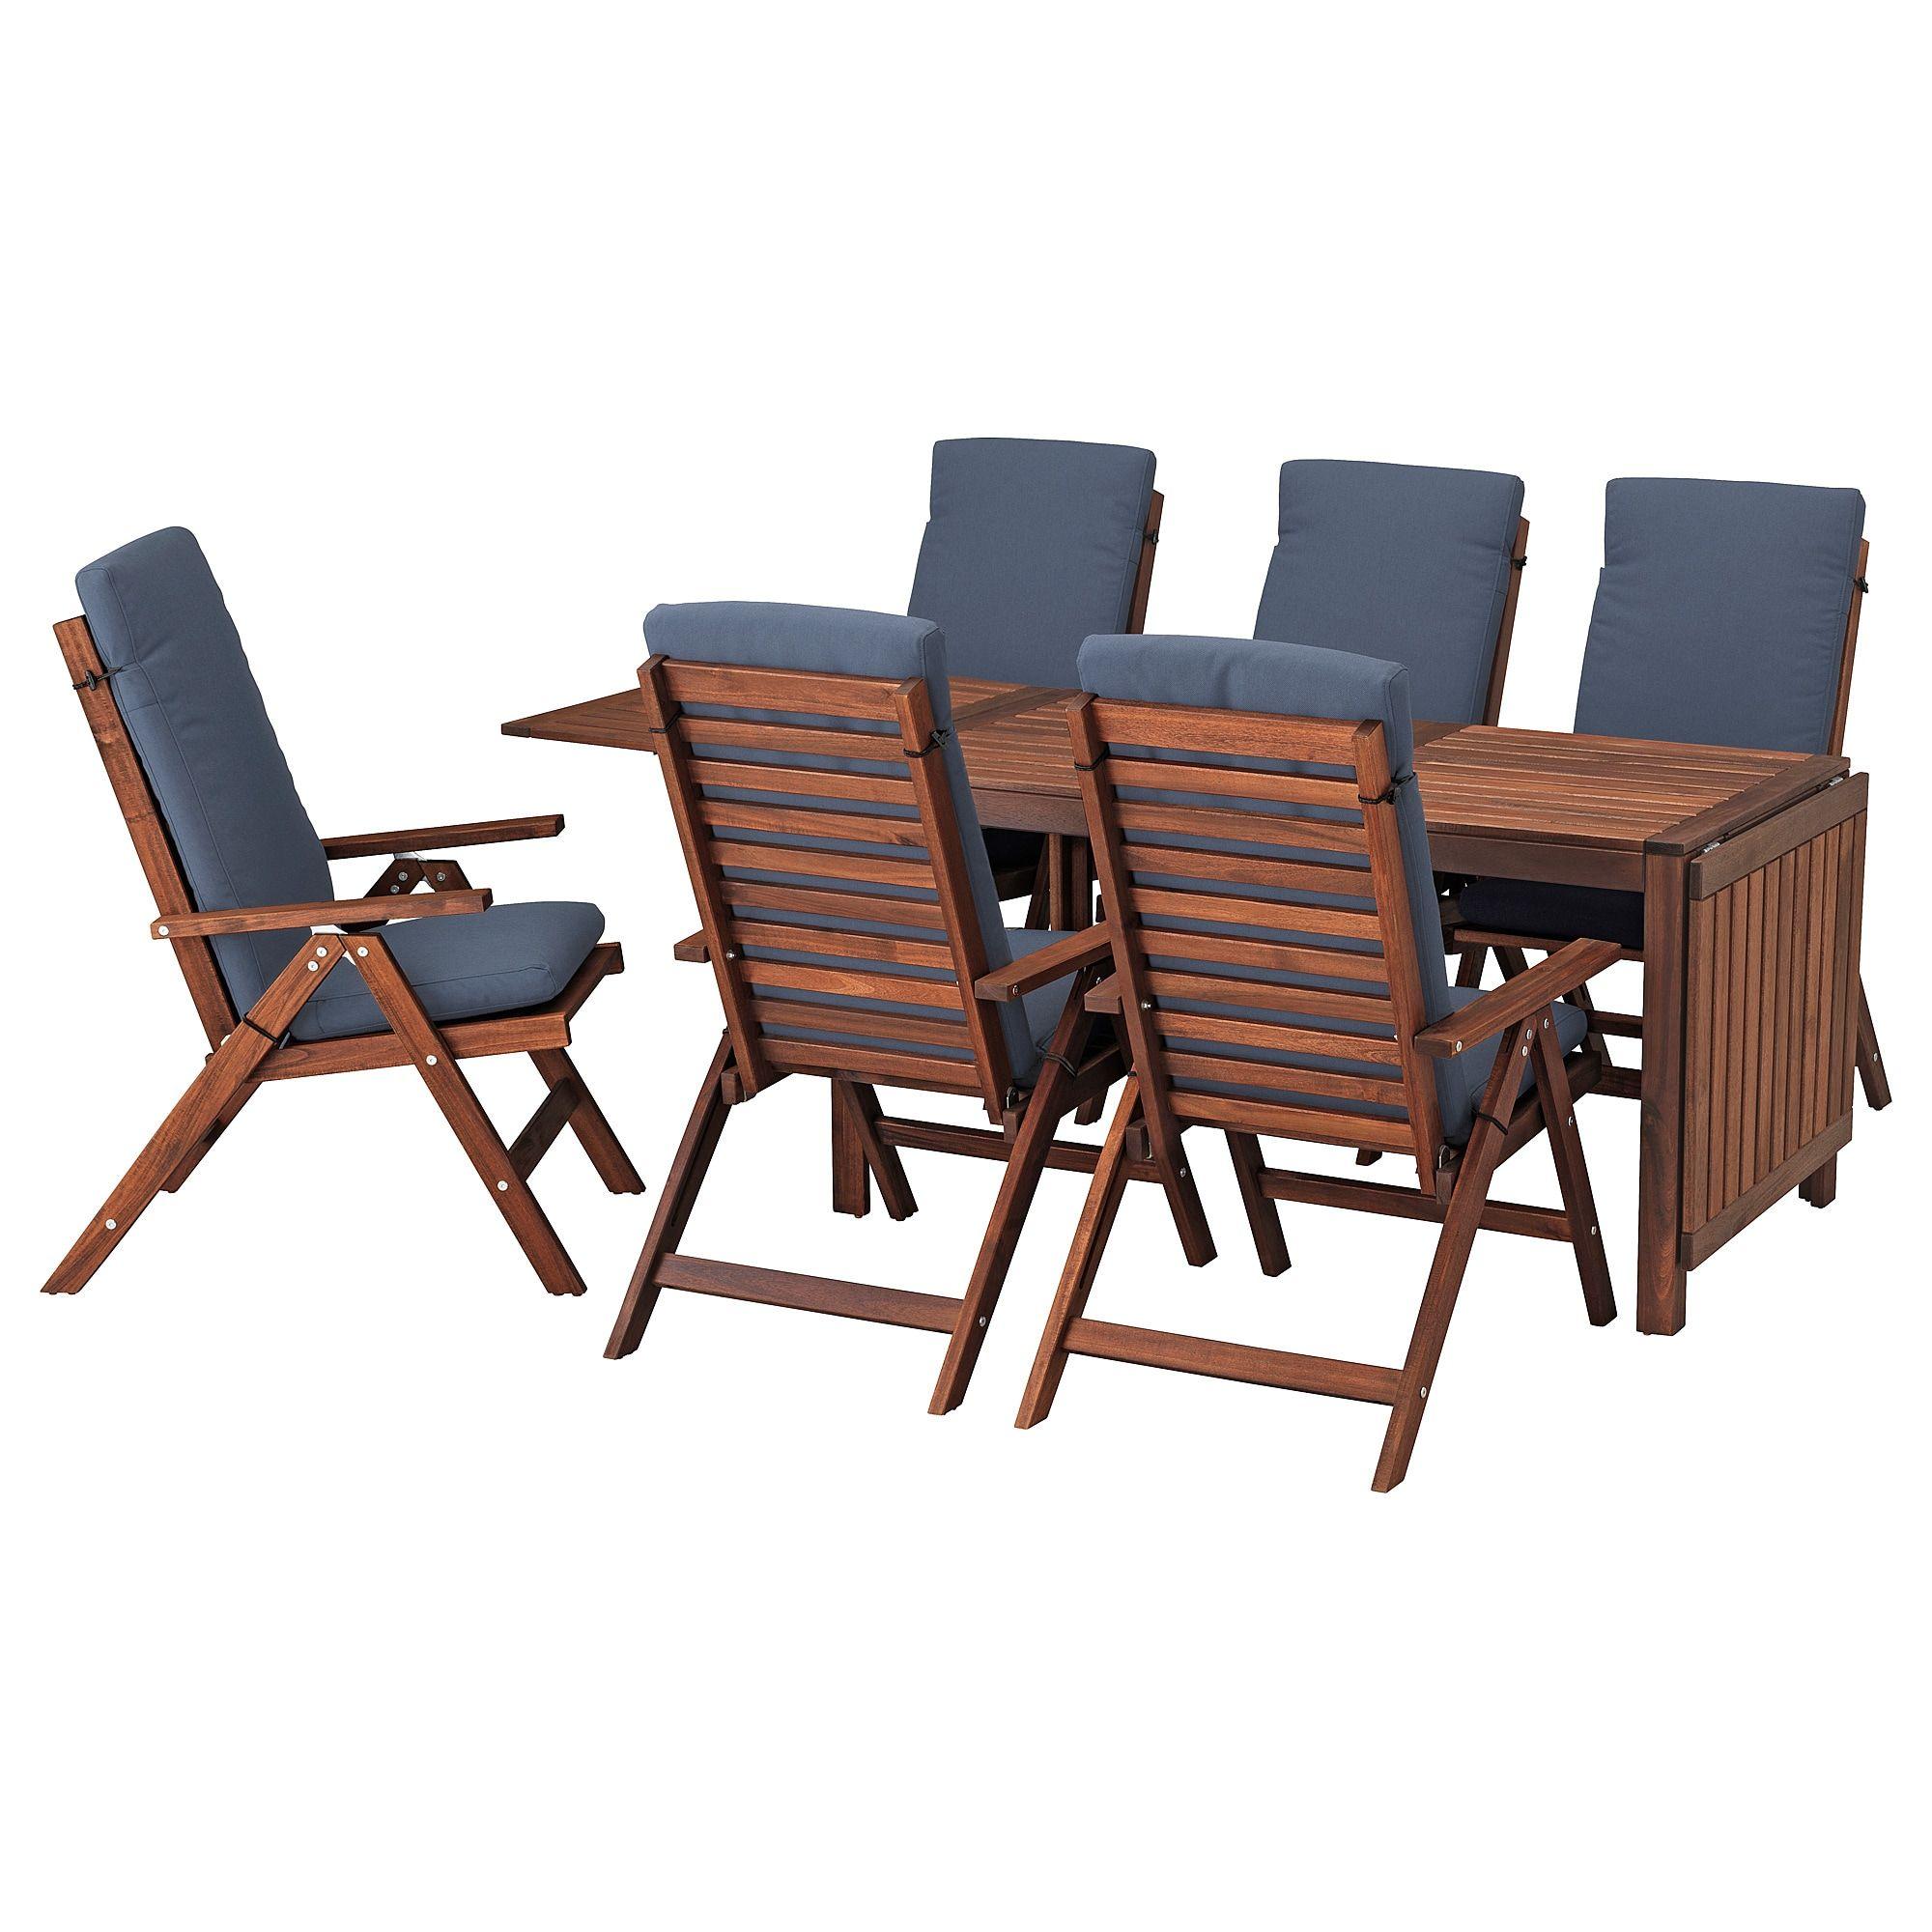 Full Size of Ikea Liegestuhl Pplar Tisch 6 Hochlehner Auen Braun Las Betten 160x200 Miniküche Bei Garten Küche Kosten Kaufen Modulküche Sofa Mit Schlaffunktion Wohnzimmer Ikea Liegestuhl